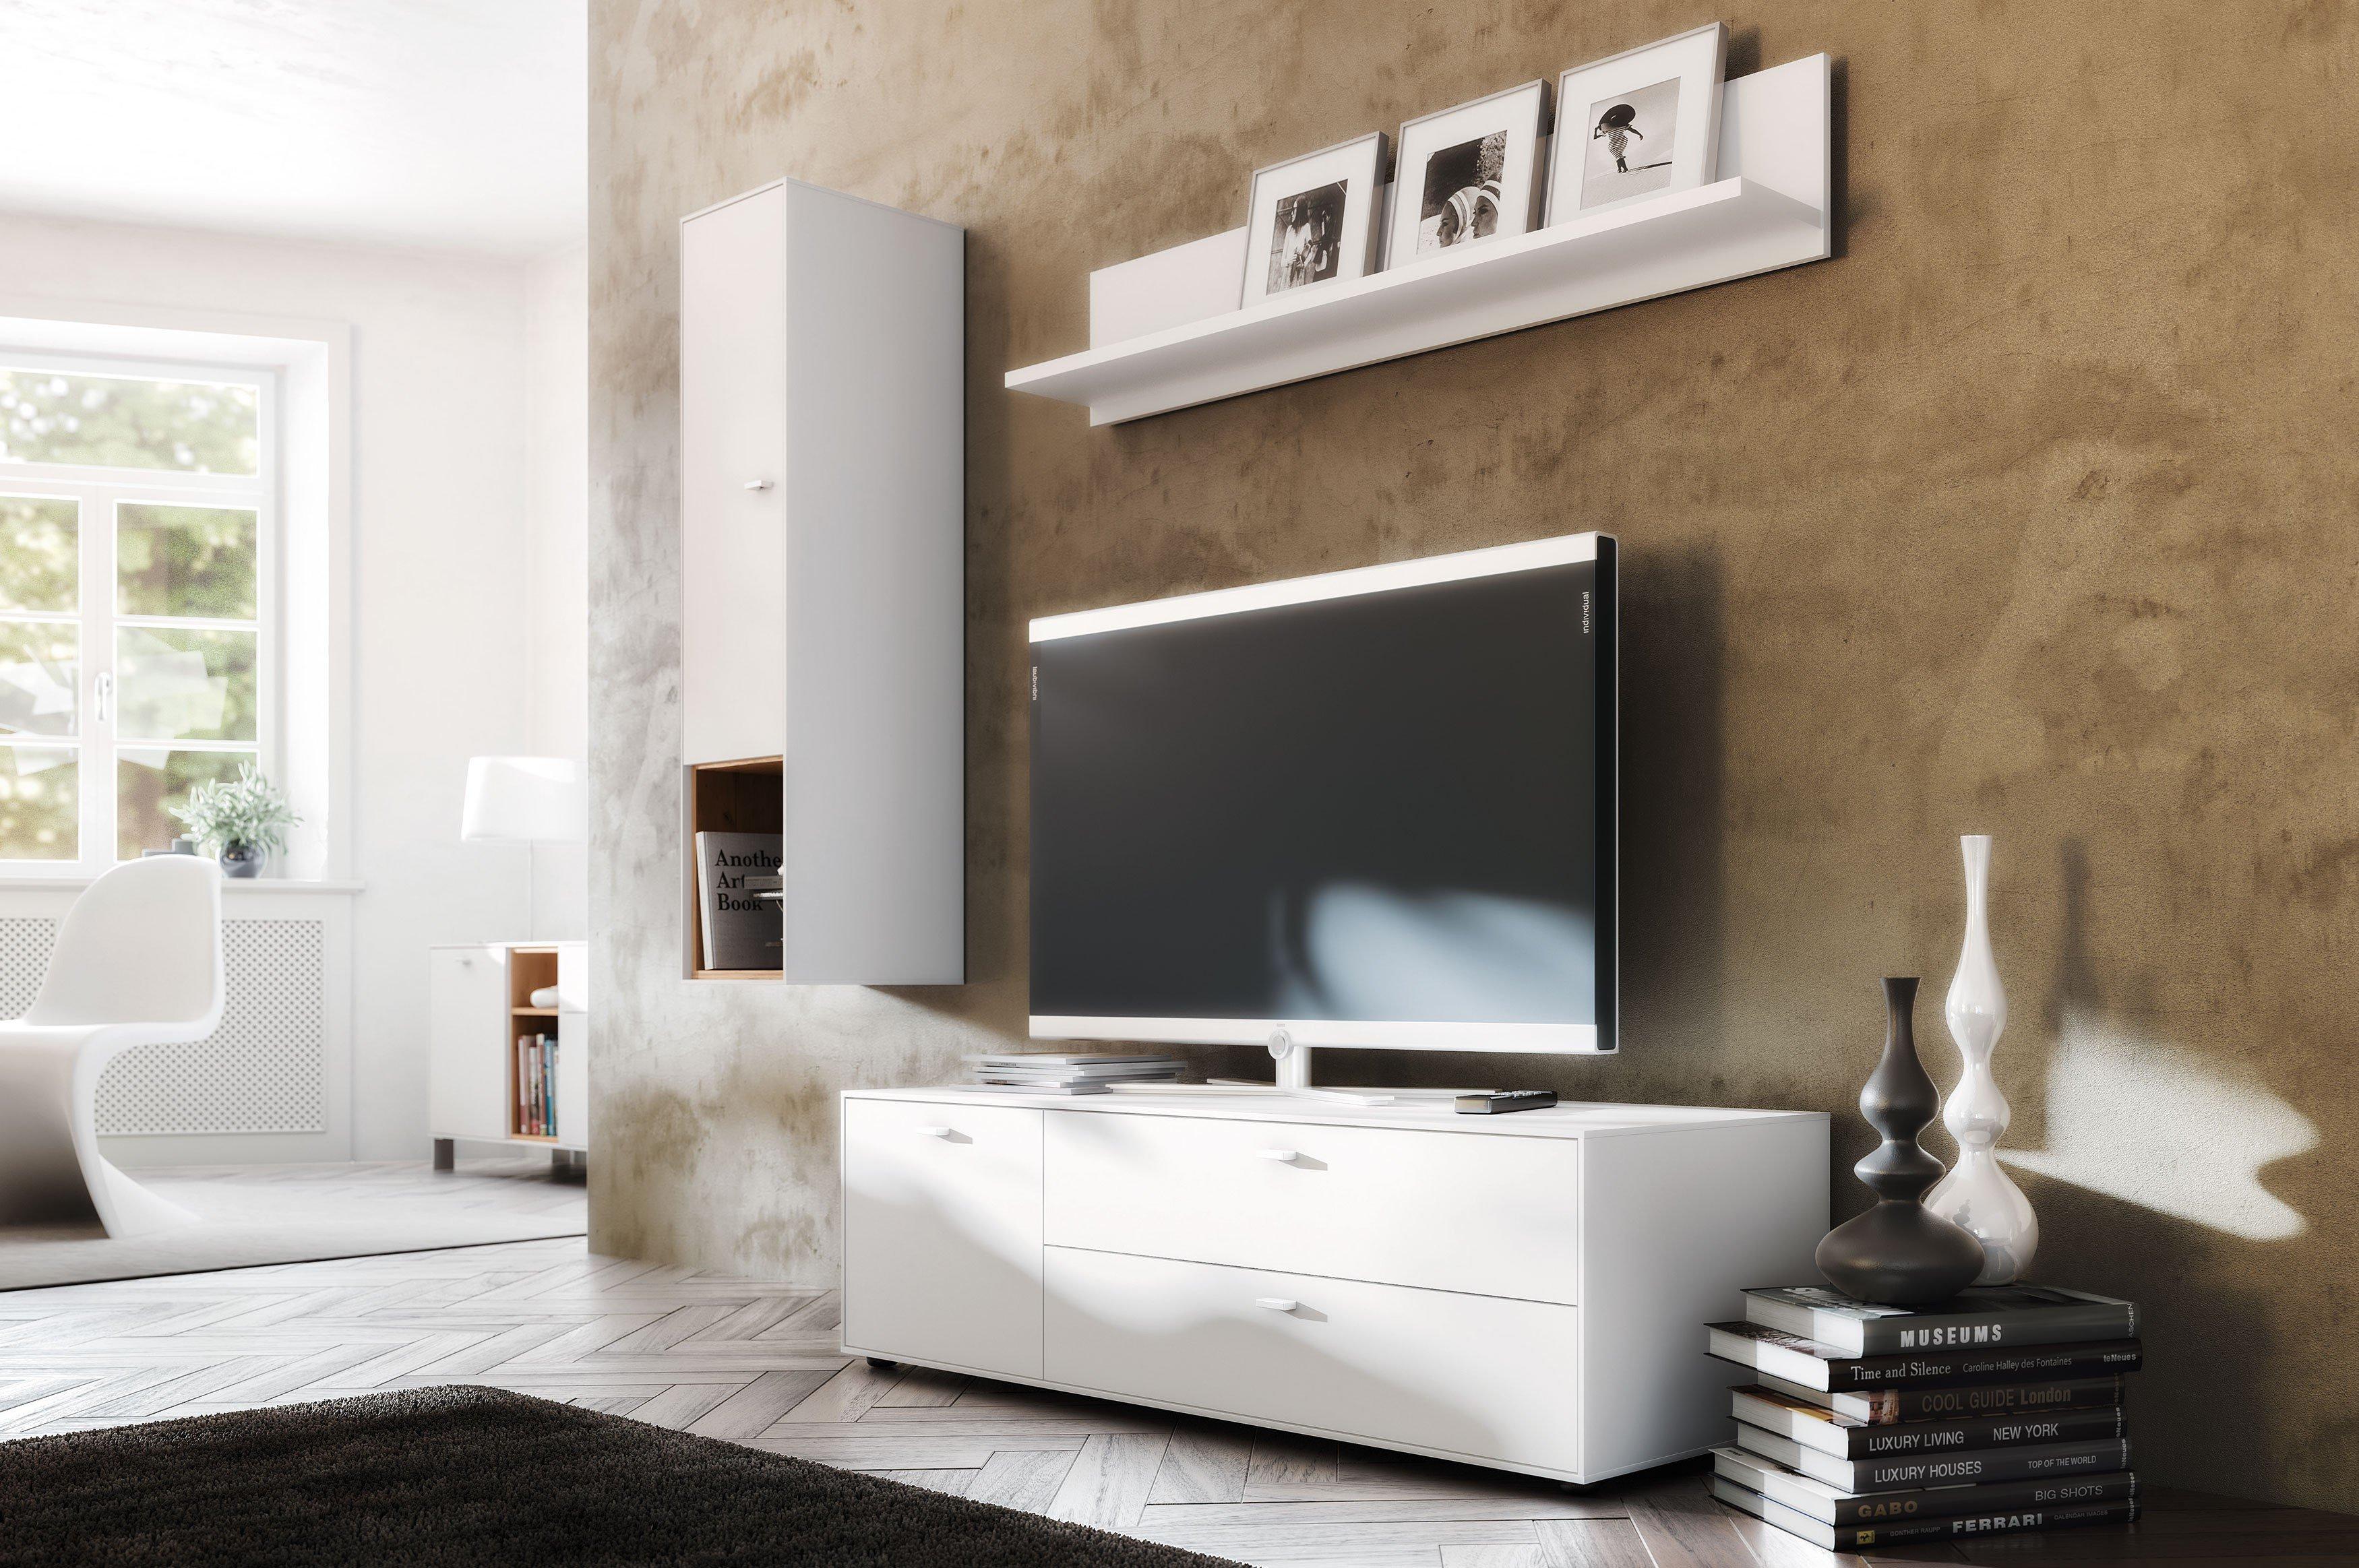 Germania Wohnwand Design2 weiß | Möbel Letz - Ihr Online-Shop